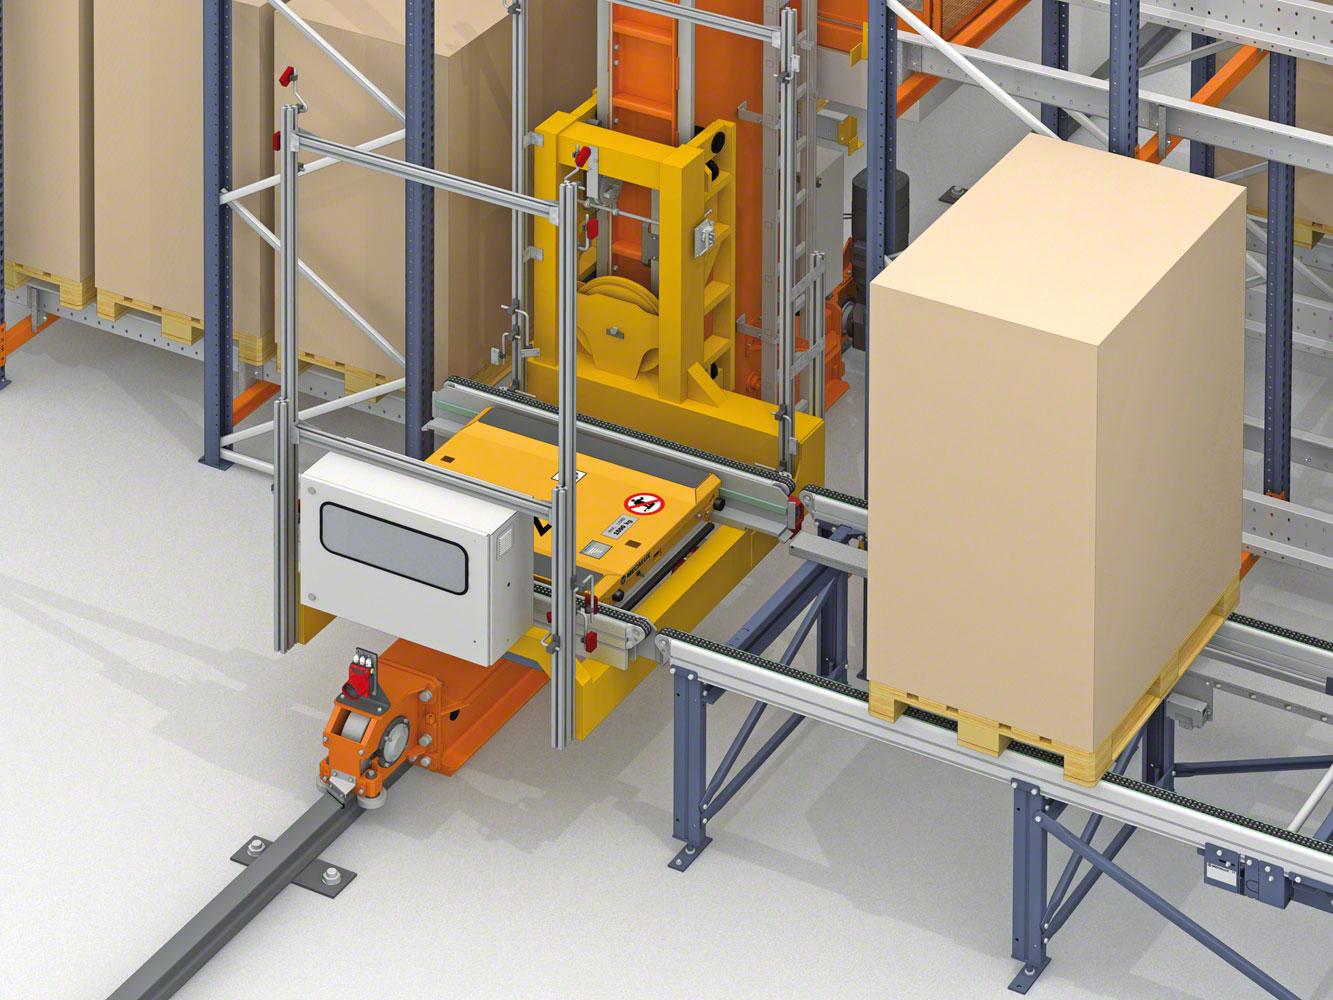 Mecalux equipará dos depósitos de Lanxess con Pallet Shuttle en Alemania